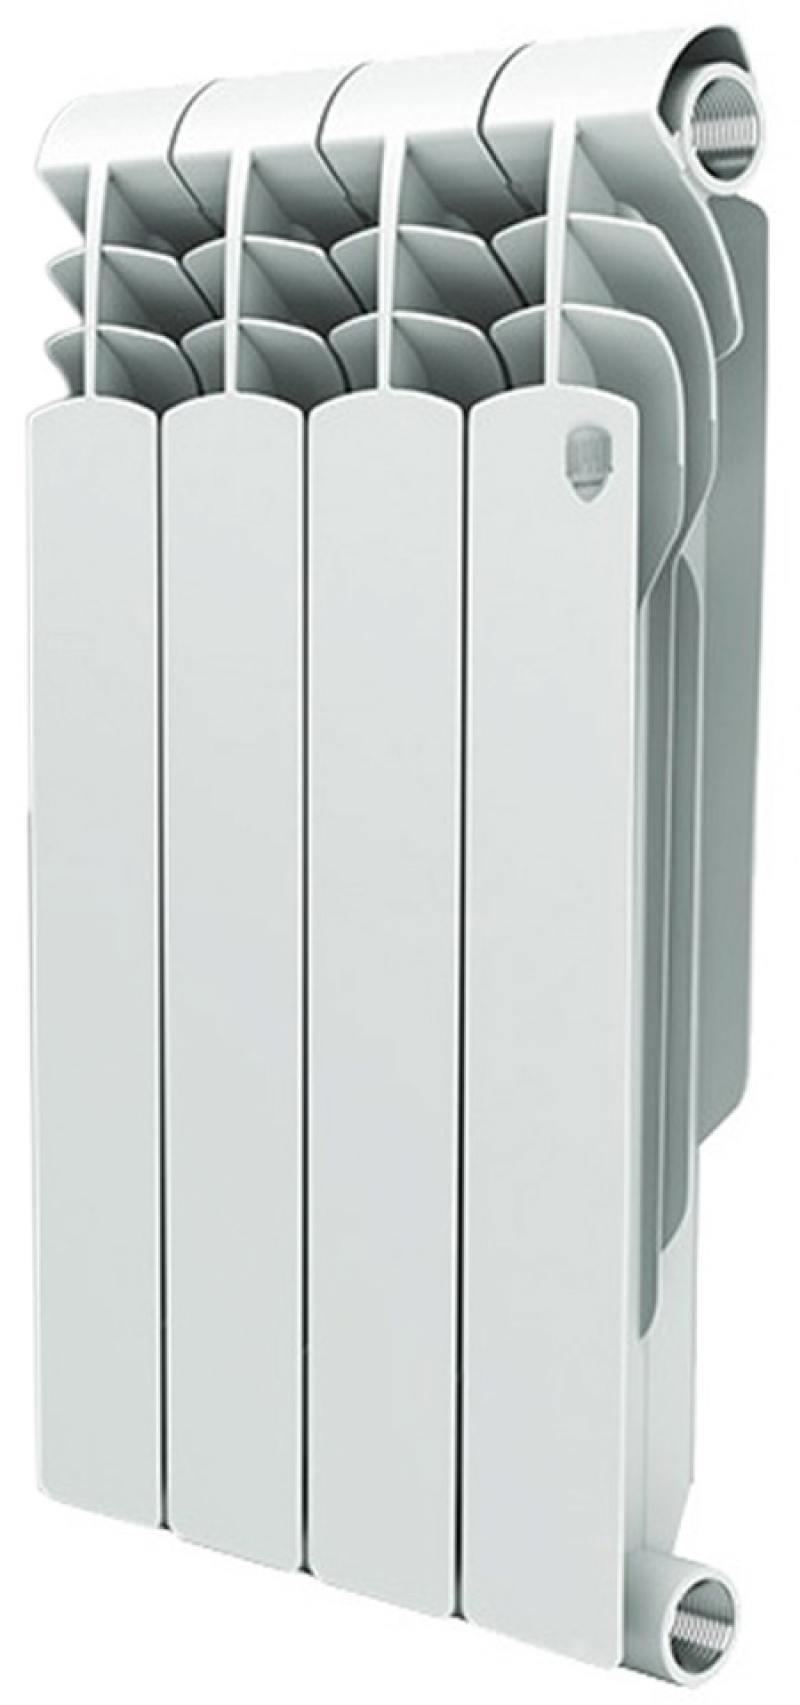 Радиатор Royal Thermo Vittoria 500 4 секции радиатор отопления royal thermo алюминиевый dreamliner 500 10 секции